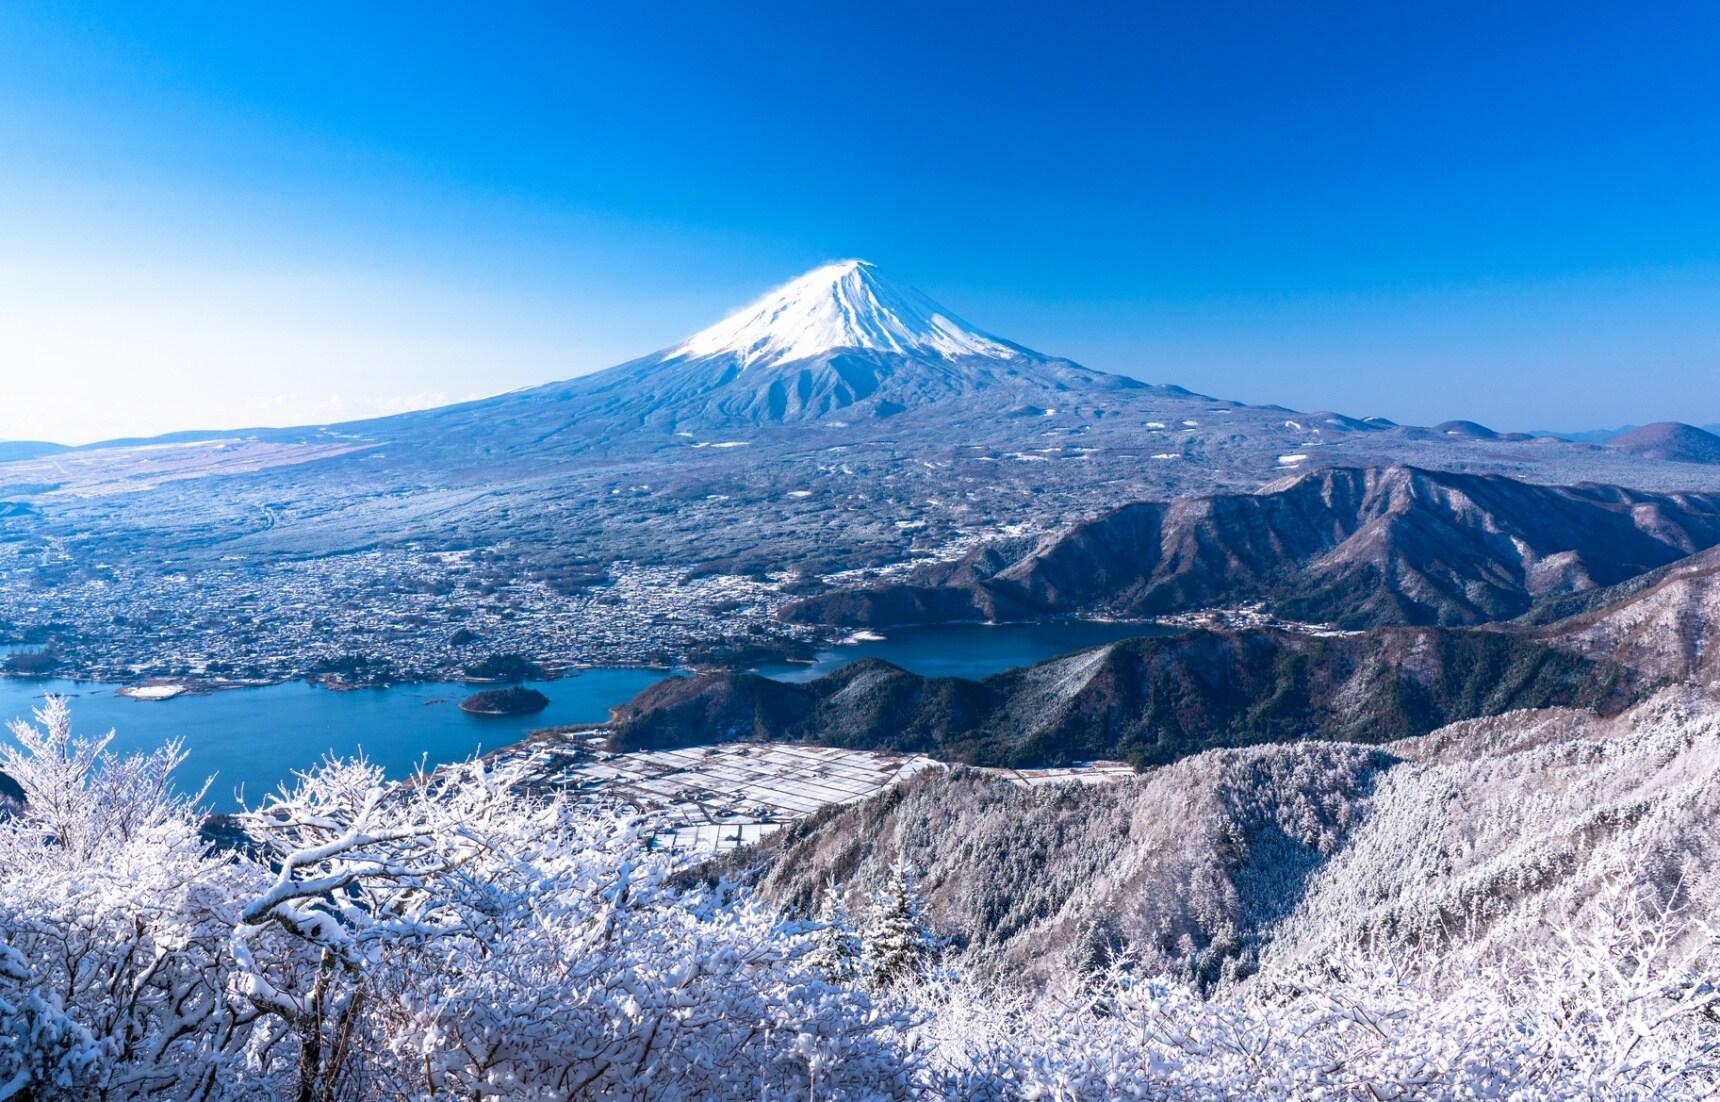 รวมจุดชมหิมะหนาๆ ตกหนักๆ ที่ไม่ไกลจากโตเกียว